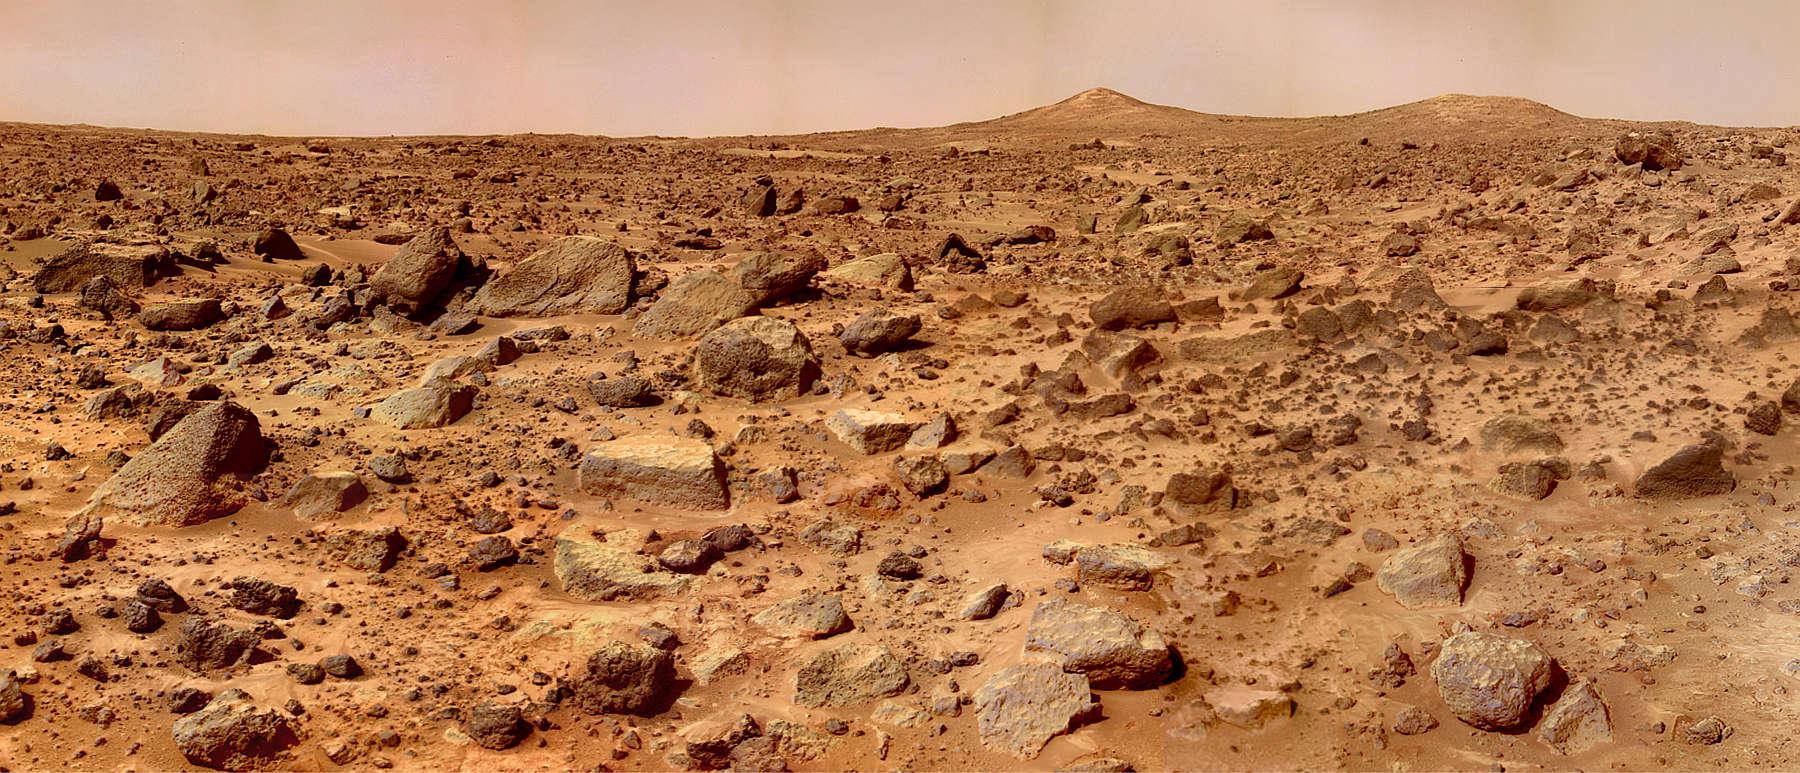 Mars - Twin Peaks